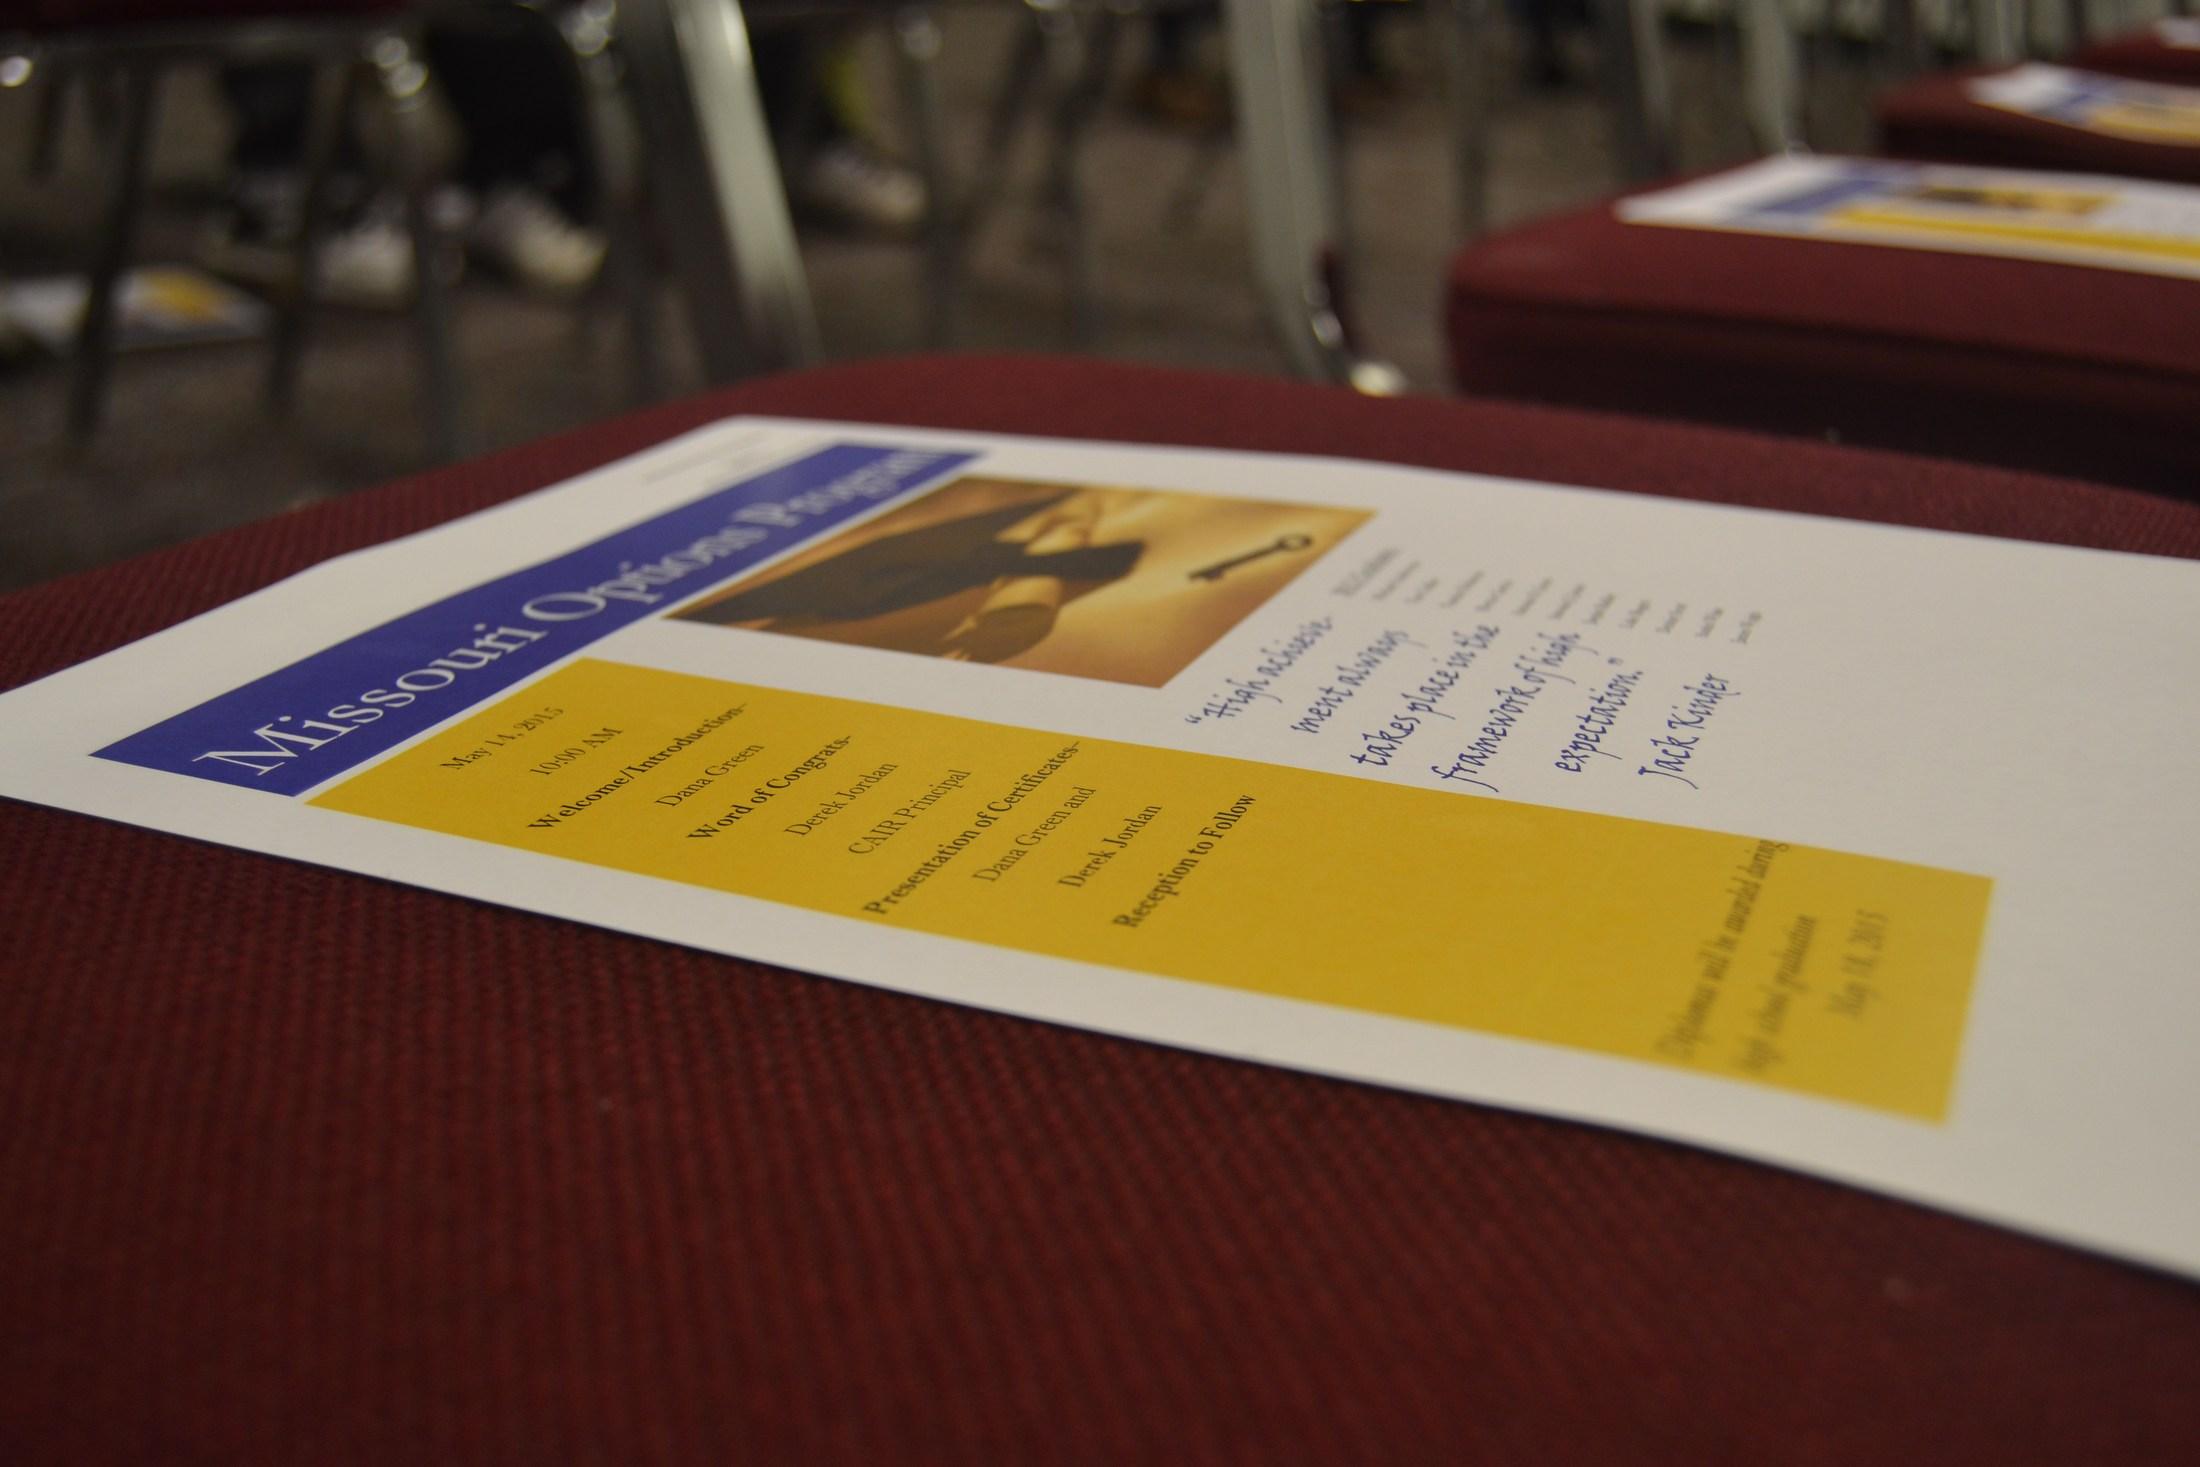 Graduation Celebration handout